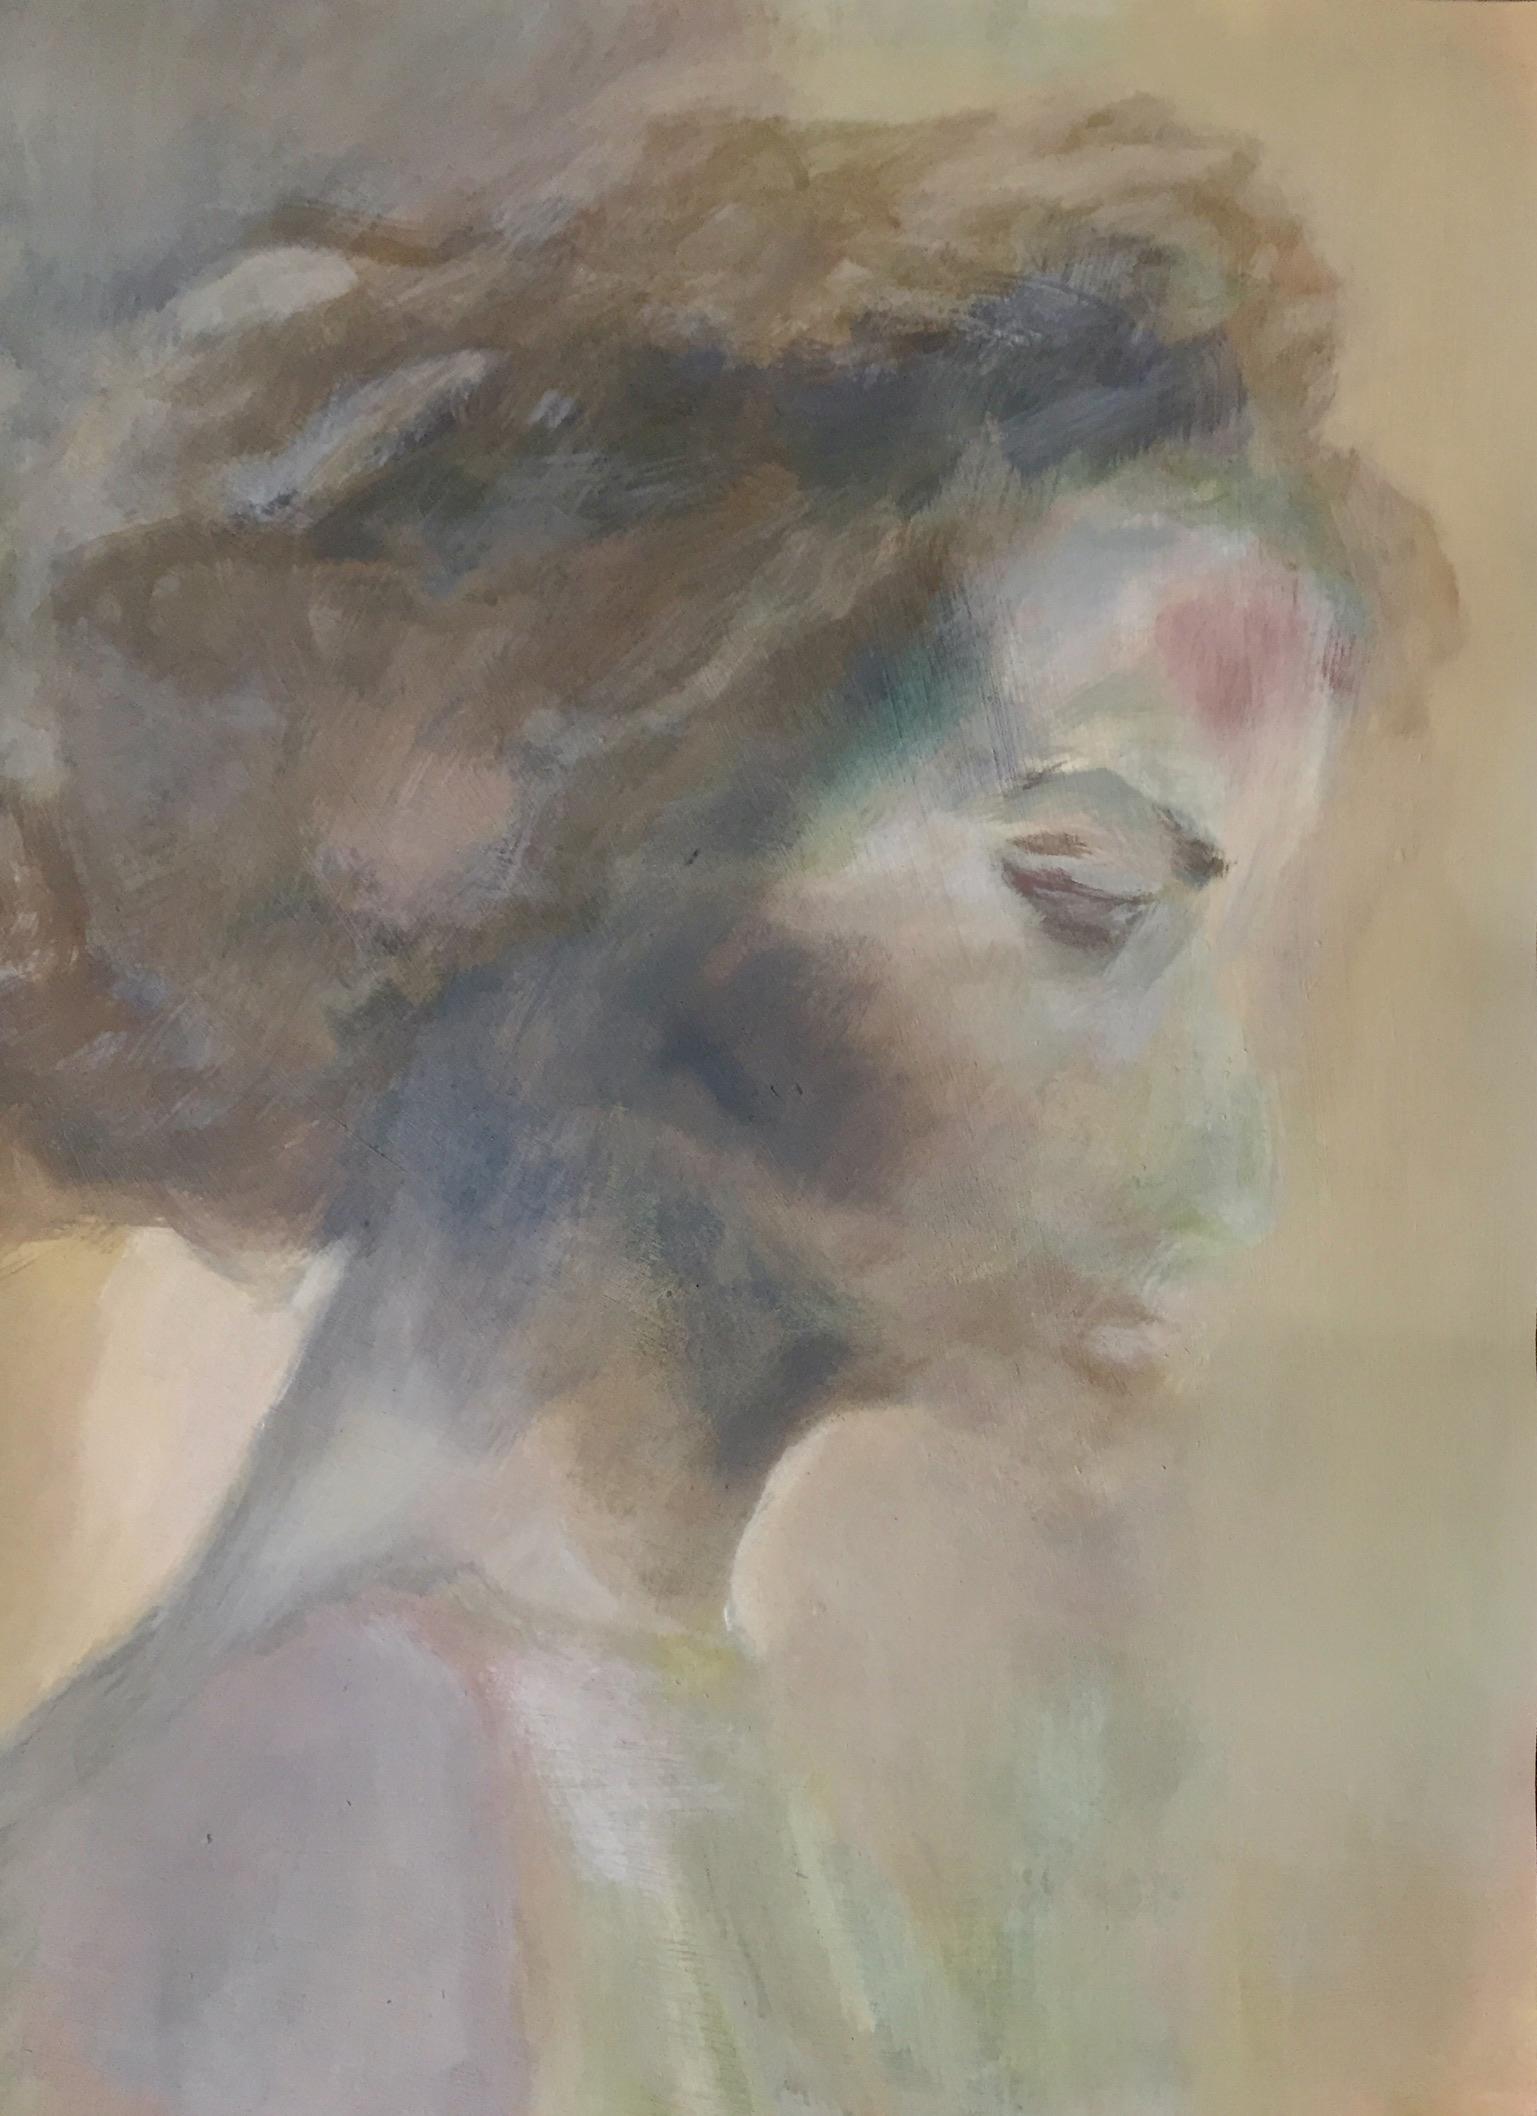 portrait ölmalerei